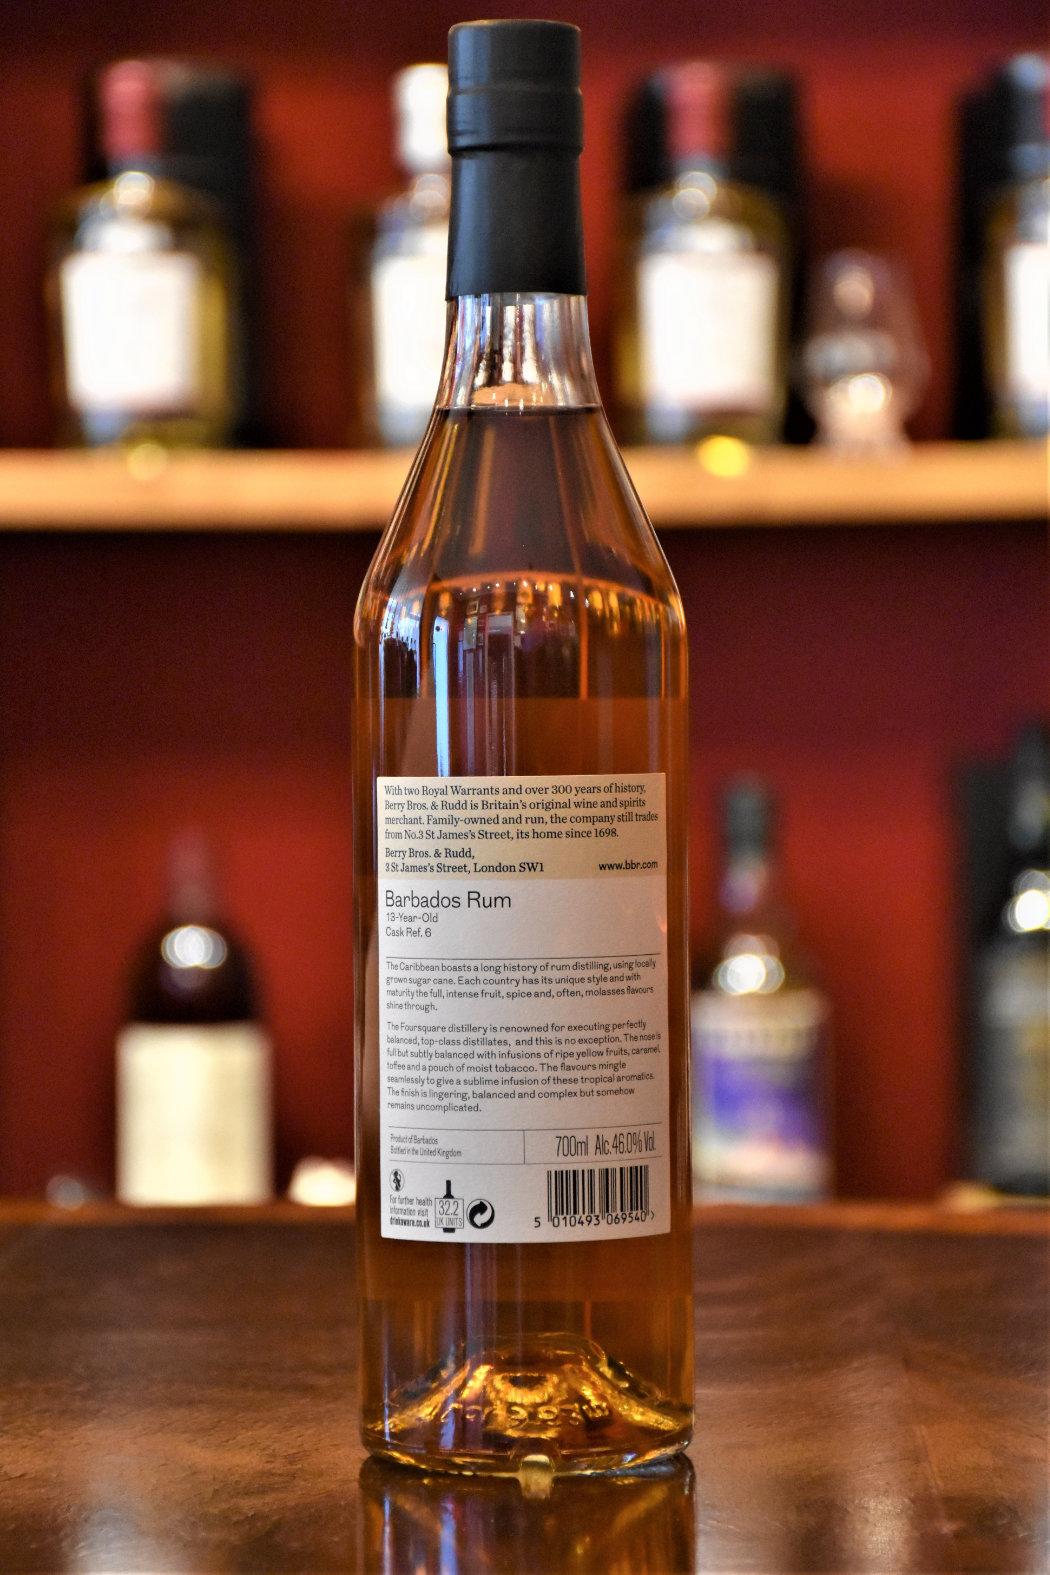 Barbados Rum 13 y.o. - Cask No. 6,Foursquare Distillery,  46% Alc.Vol., Berry Bros.&Rudd